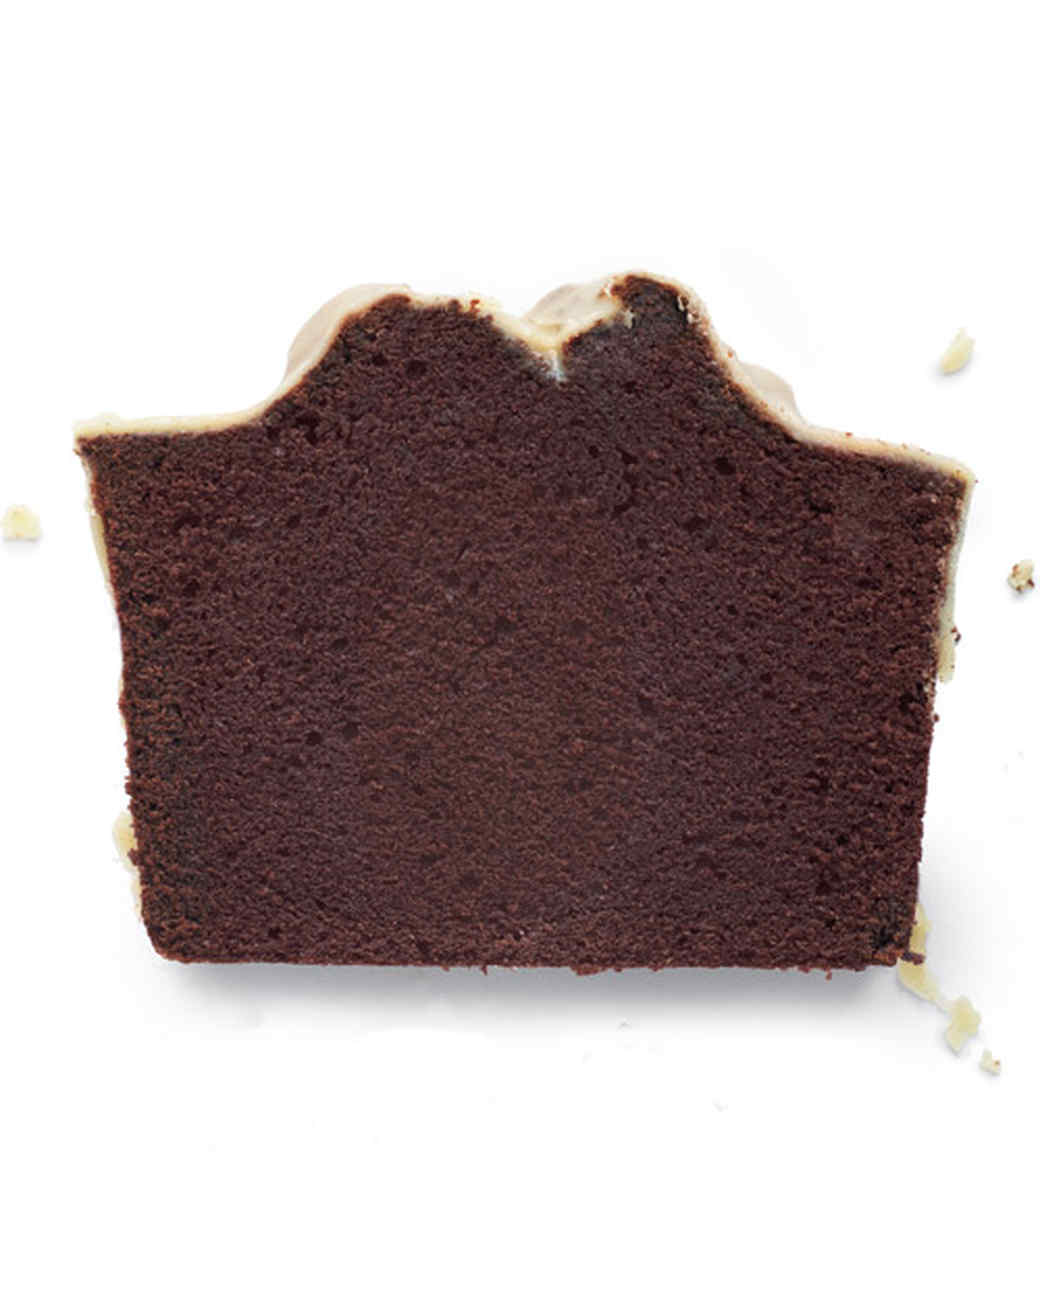 Cake boss chocolate pound cake recipe